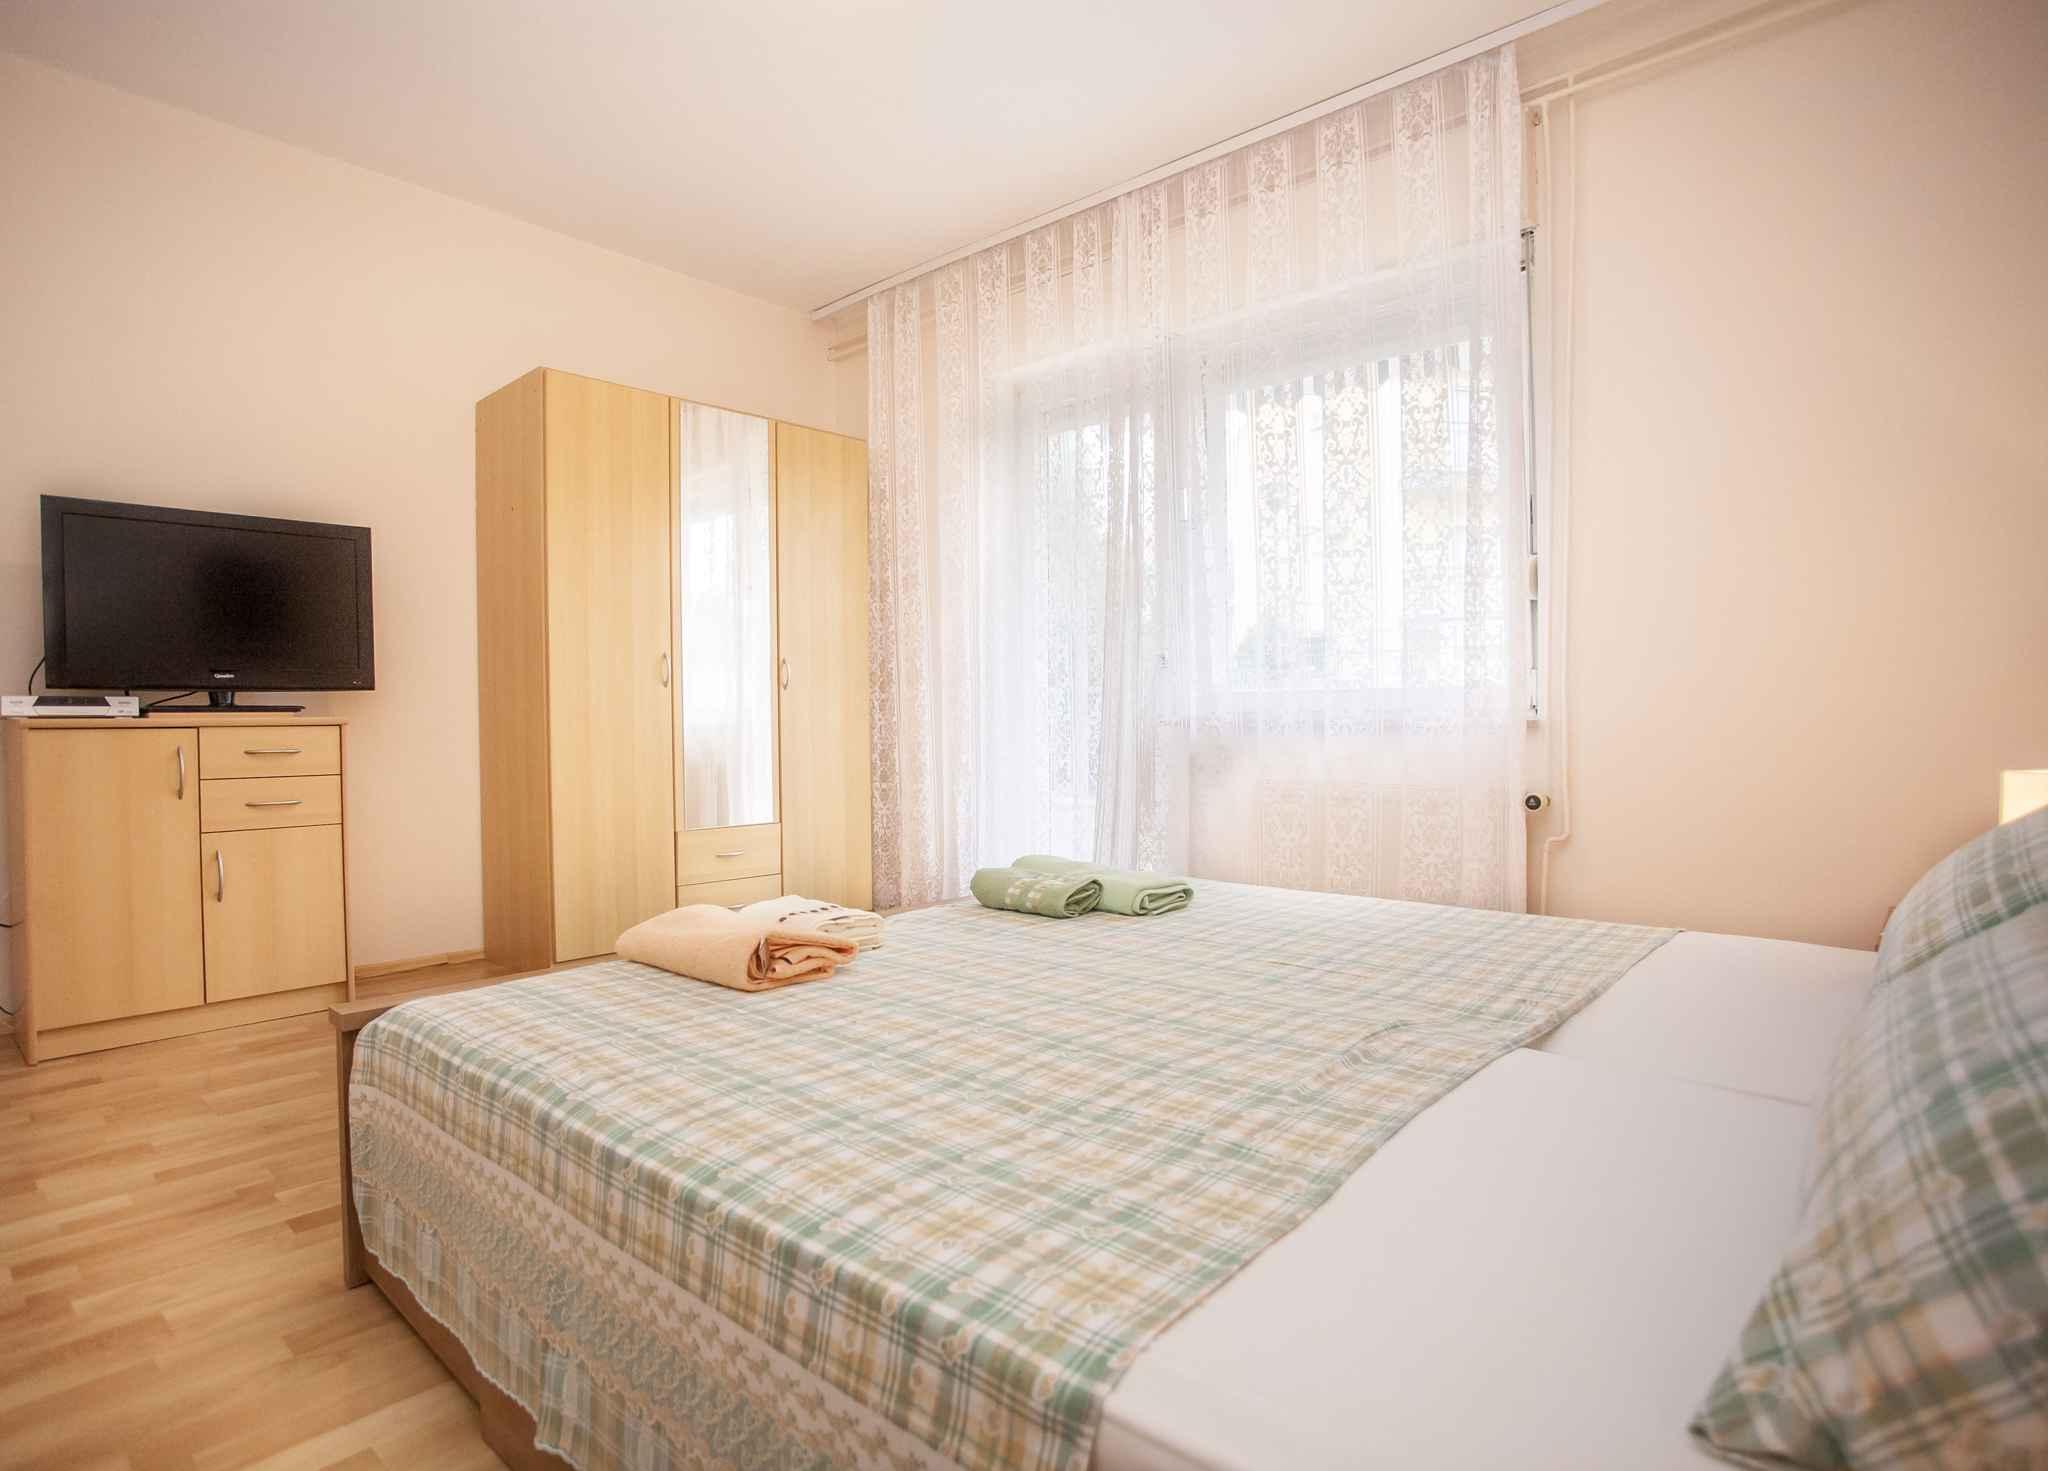 Ferienwohnung unweit des Zentrums (281003), Rovinj, , Istrien, Kroatien, Bild 17